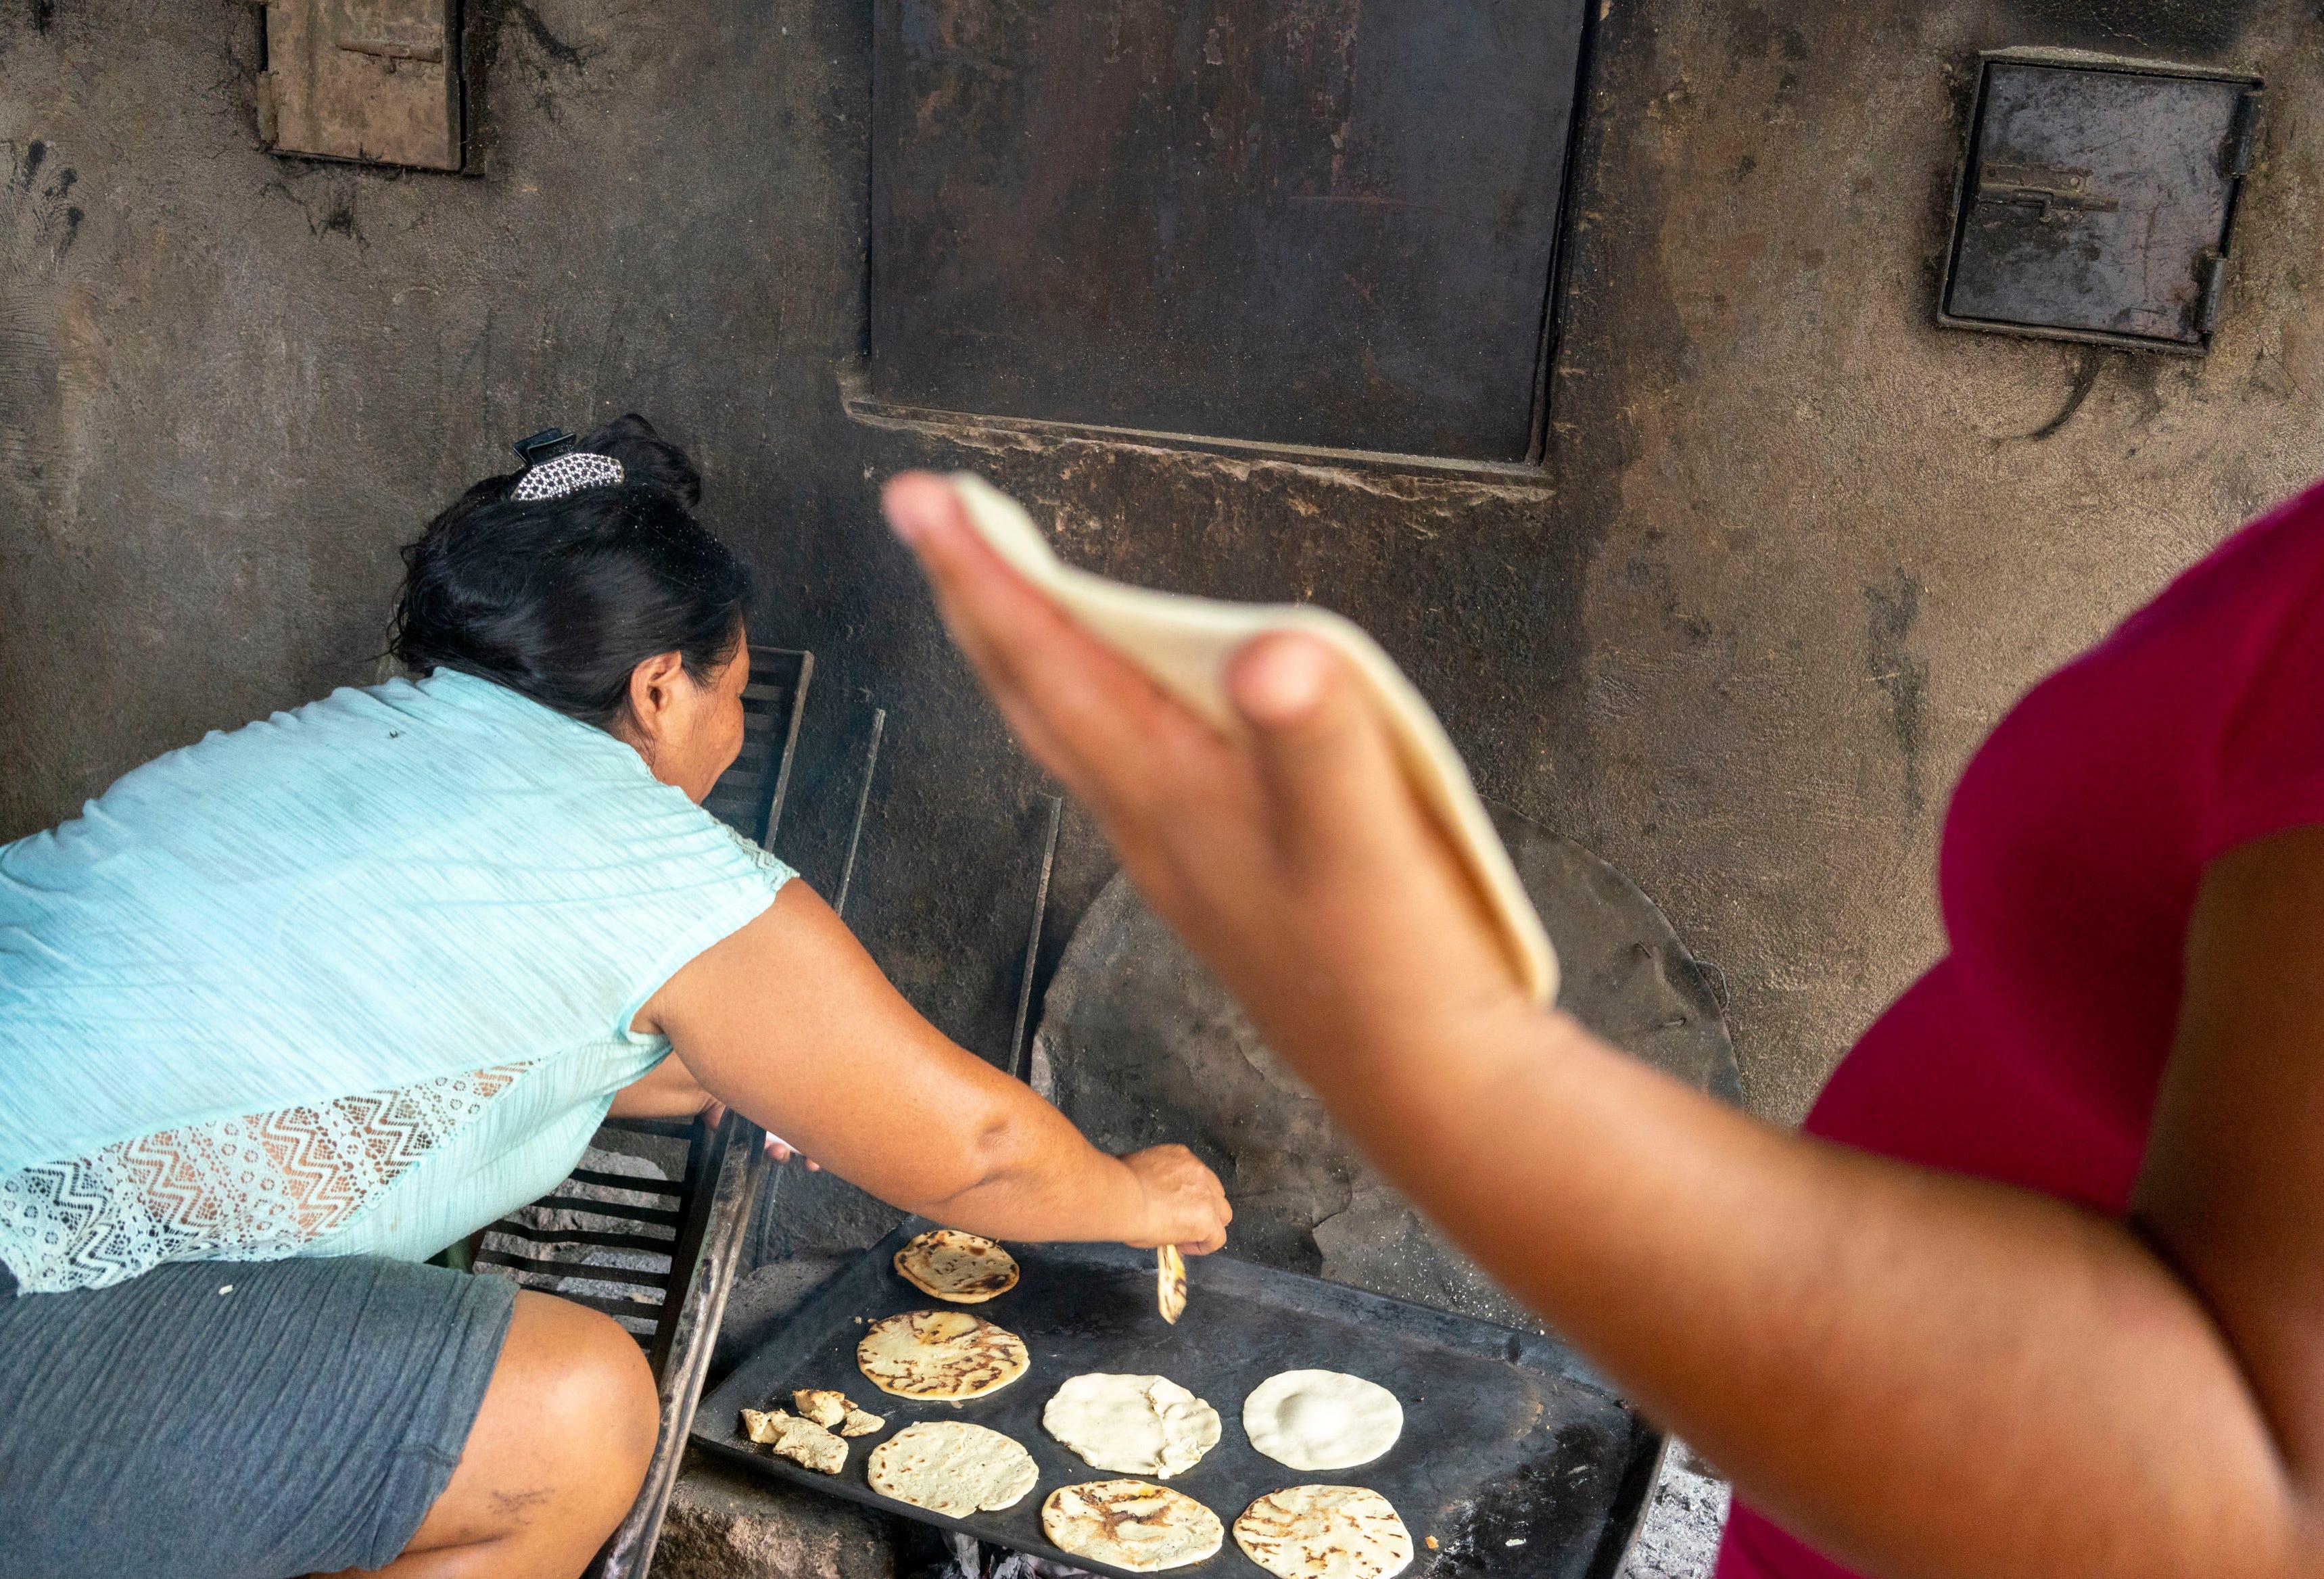 TAPACHULA, México –Migrantes centroamericanos hacen tortillas en el refugio Jesús El Buen pastor  en Tapachula, México, mientras esperan por una visa de tránsito para continuar su viaje al norte, hacia los Estados Unidos.